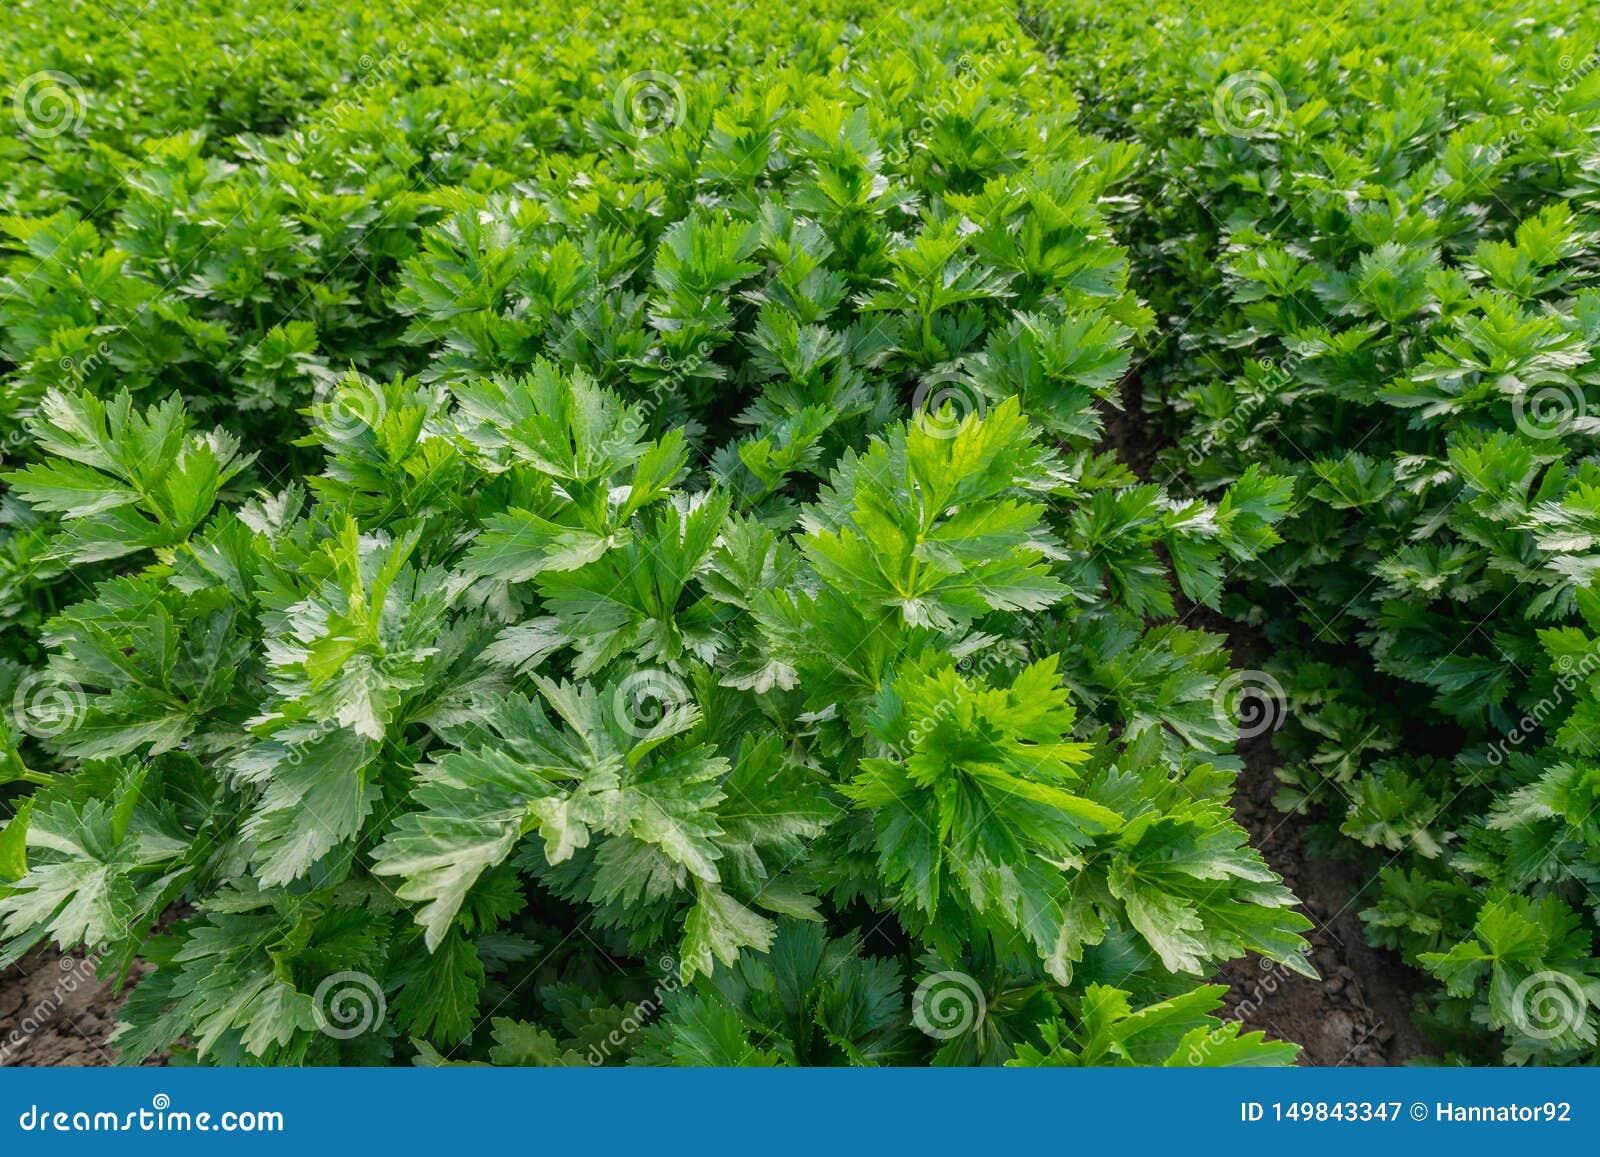 芹菜种植农业领域